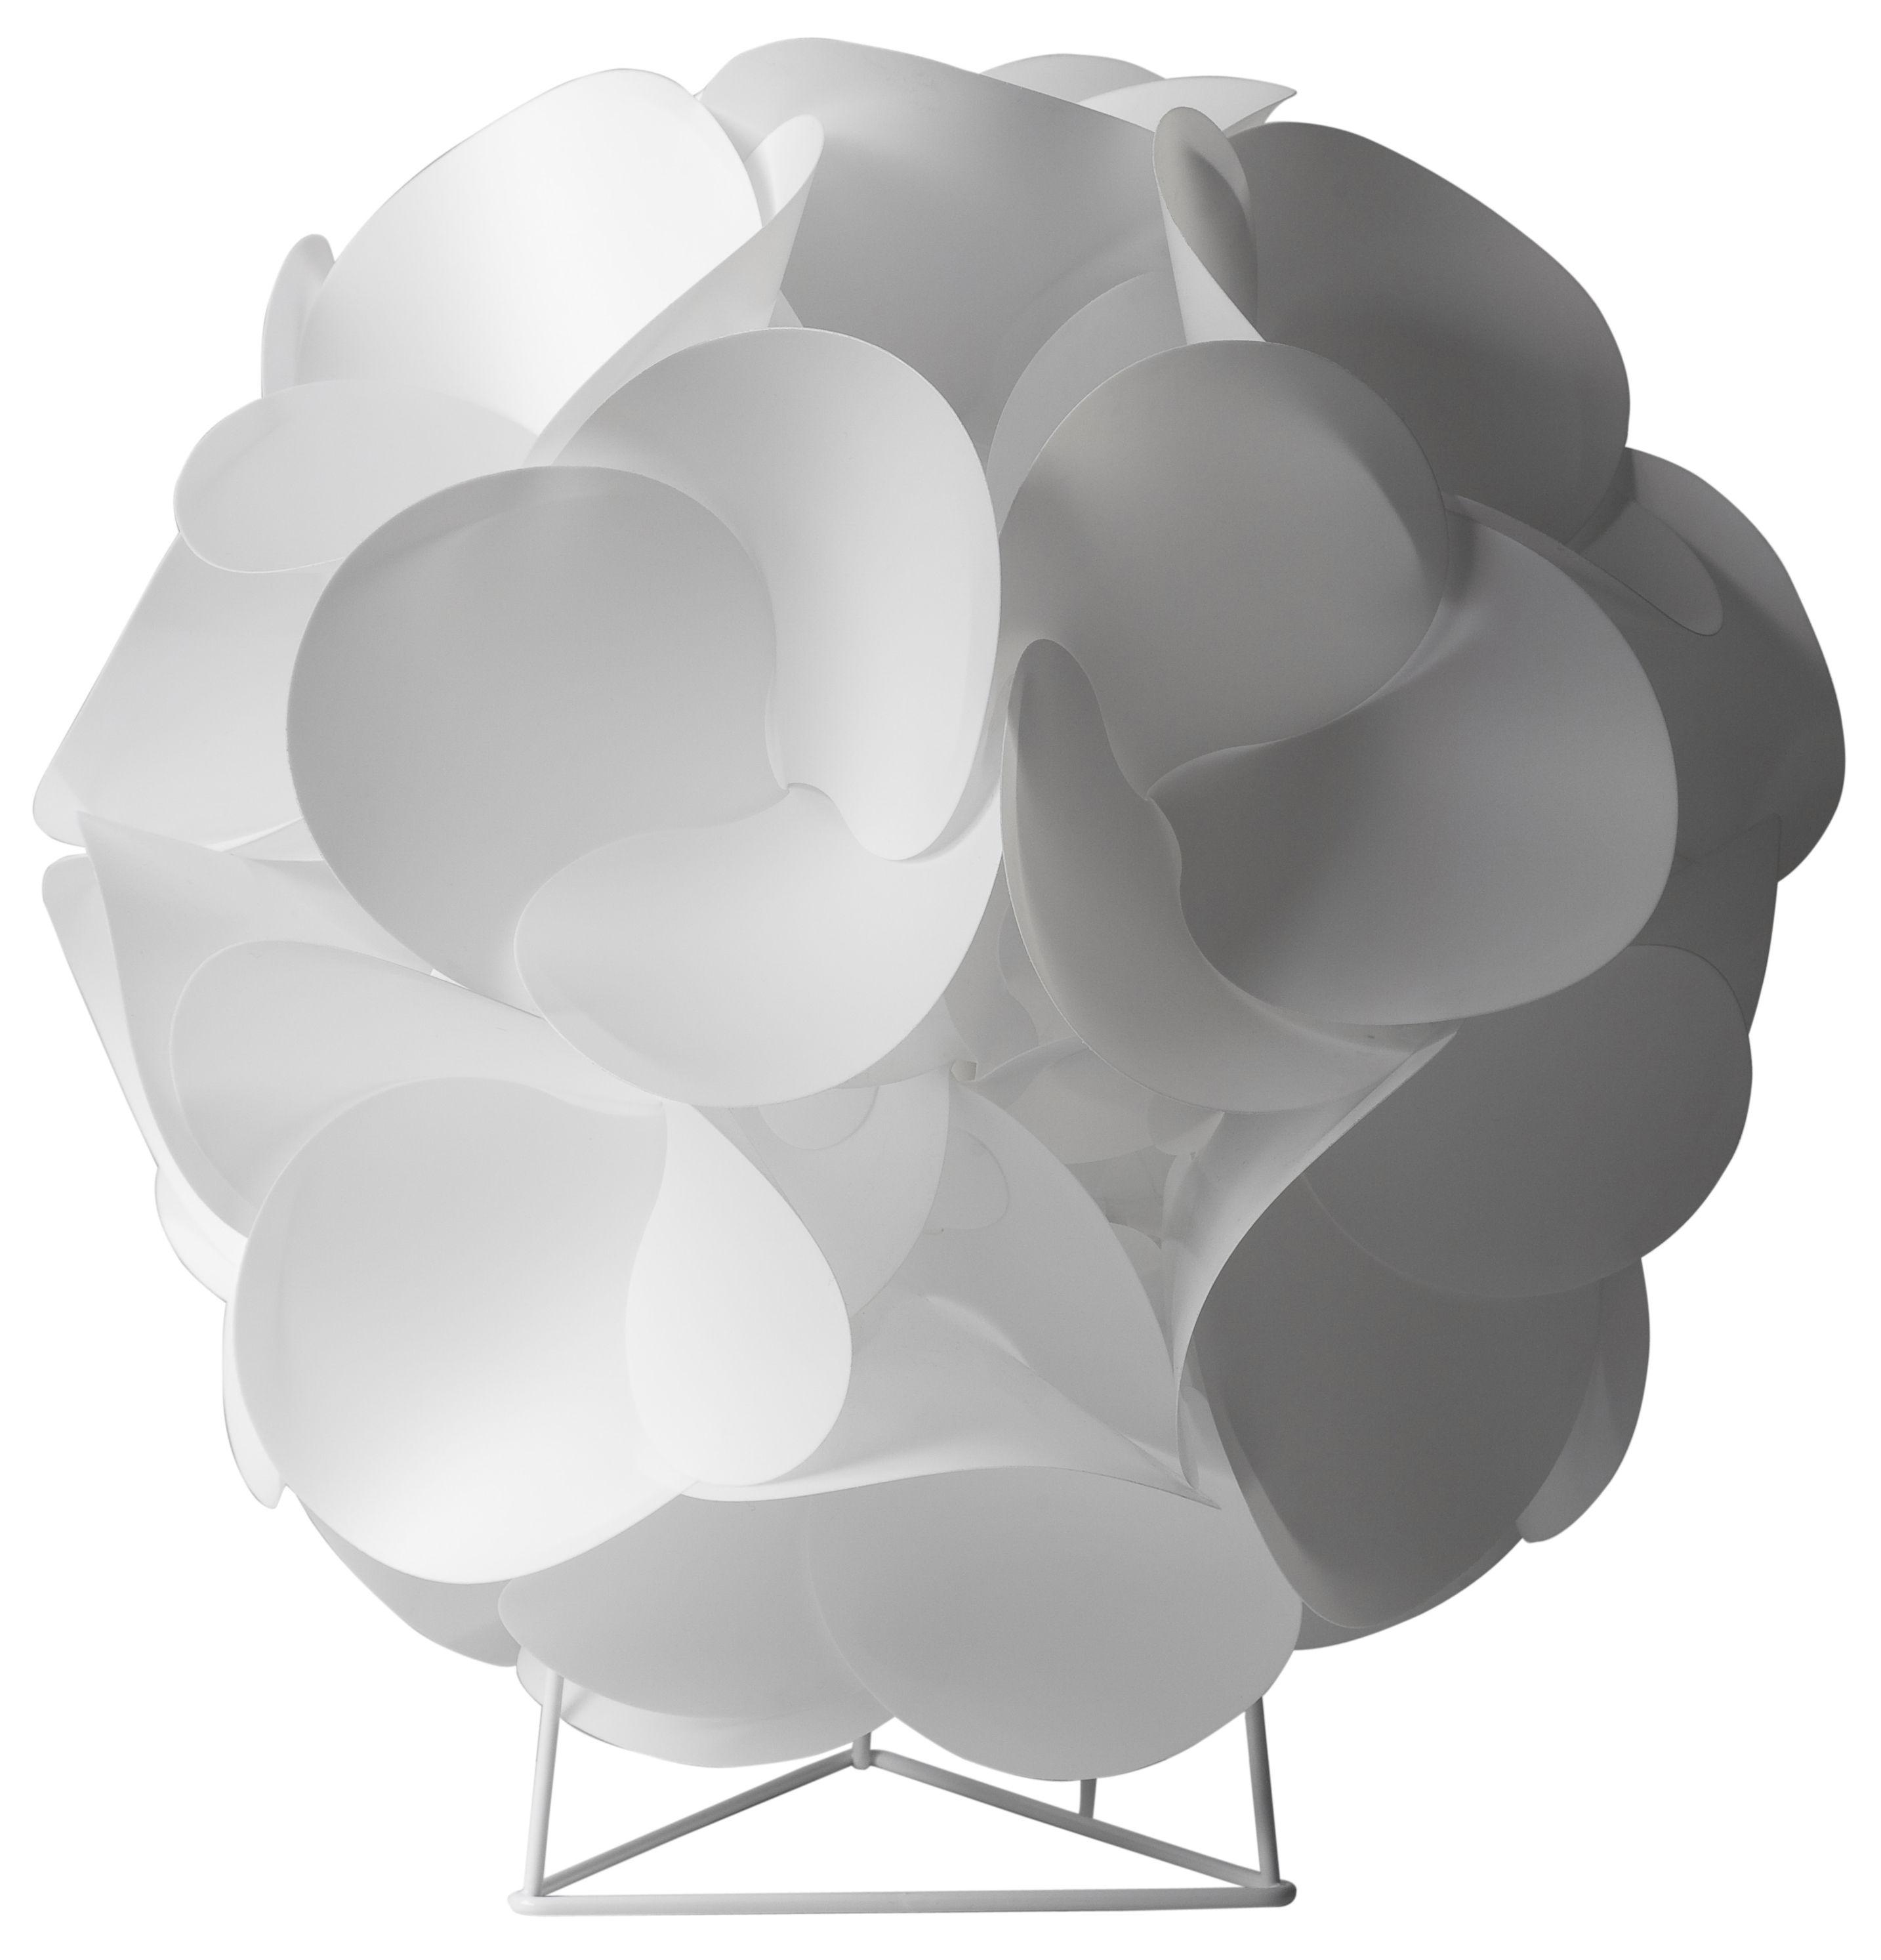 Leuchten - Tischleuchten - Radiolaire Tischleuchte Tischlampe - Designheure - Weiß - Polykarbonat, Stahl